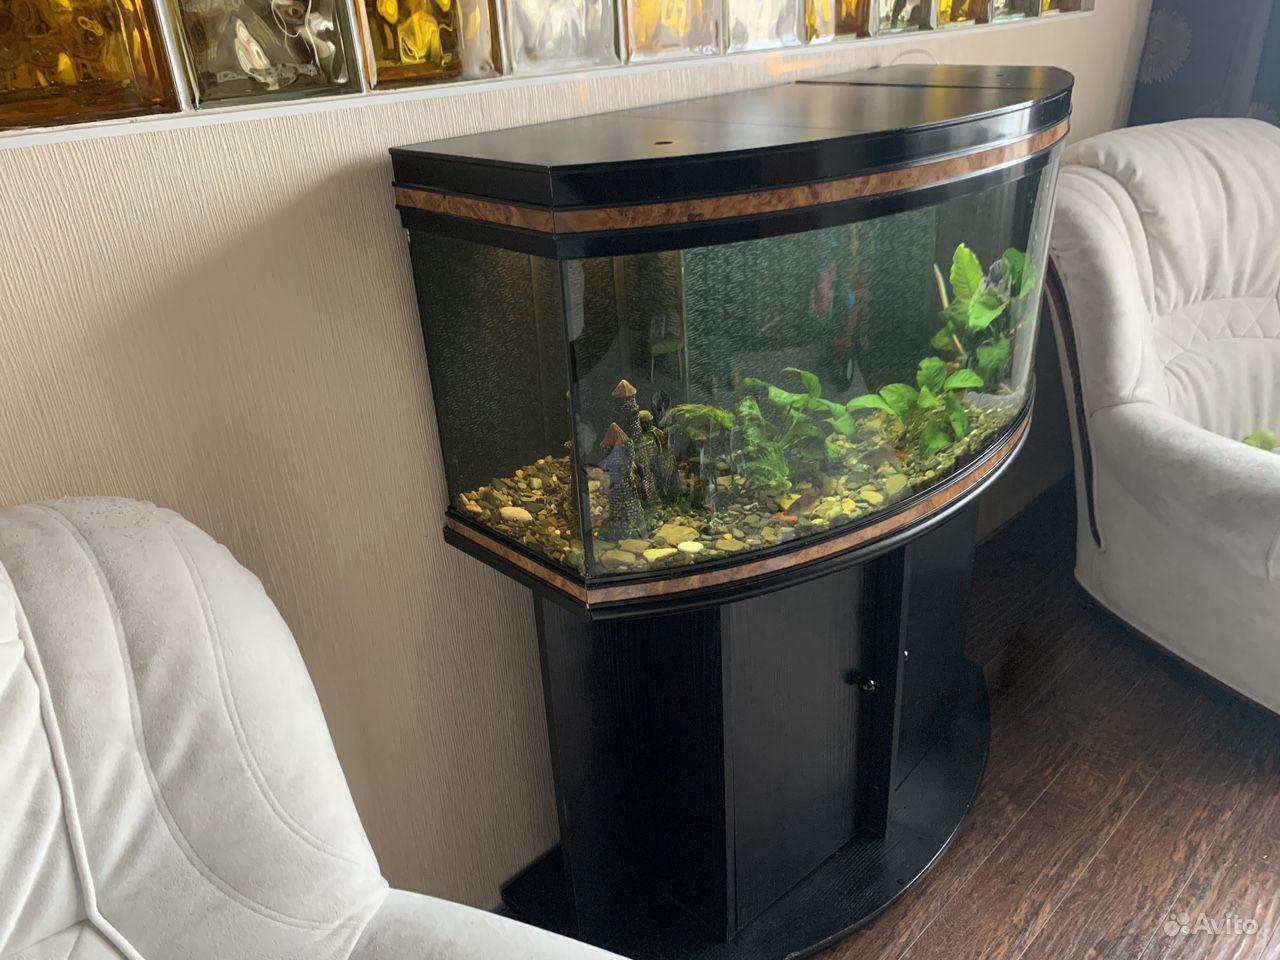 Панорамный аквариум 200л, укомплектован, Франция купить на Зозу.ру - фотография № 2